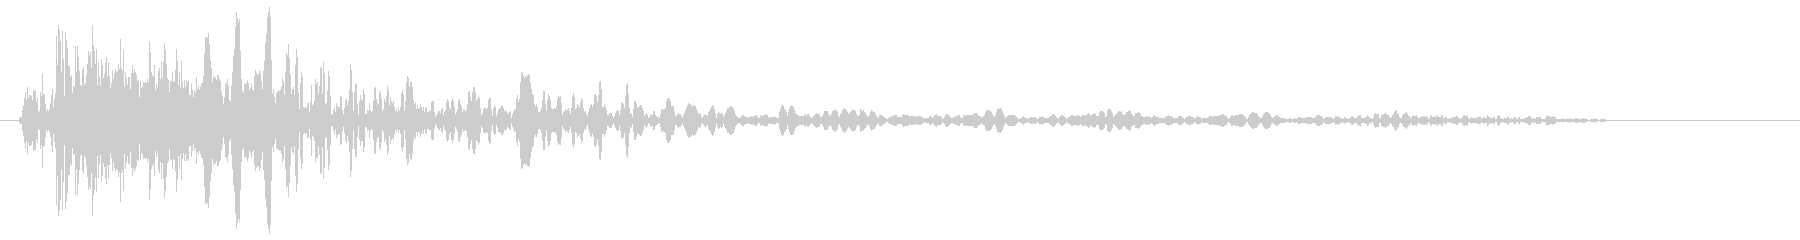 カンッ (響きのある設置音)の未再生の波形